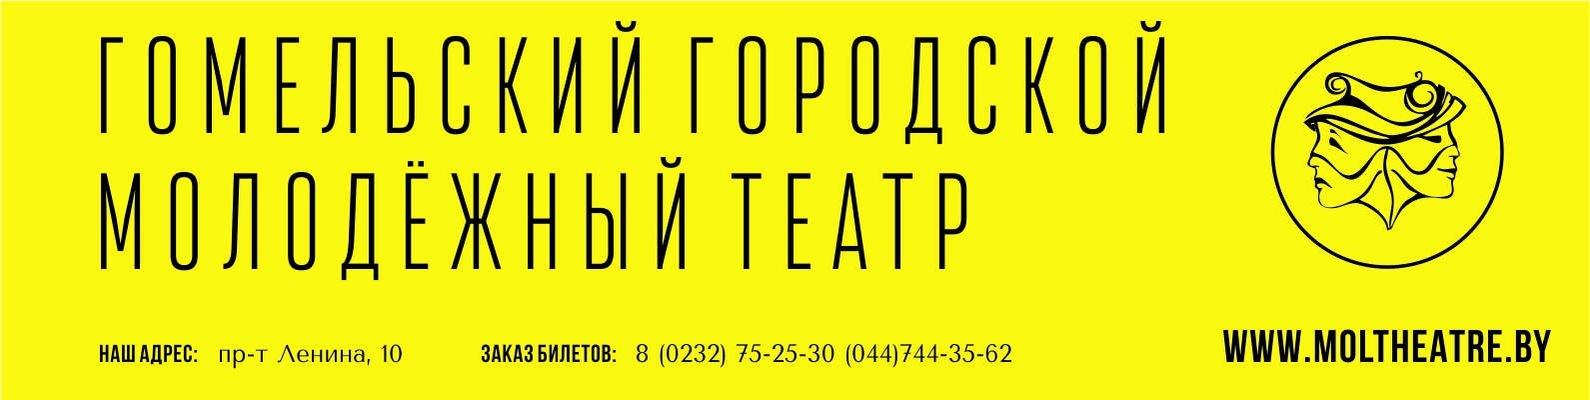 театр понедельник новокузнецк афиша